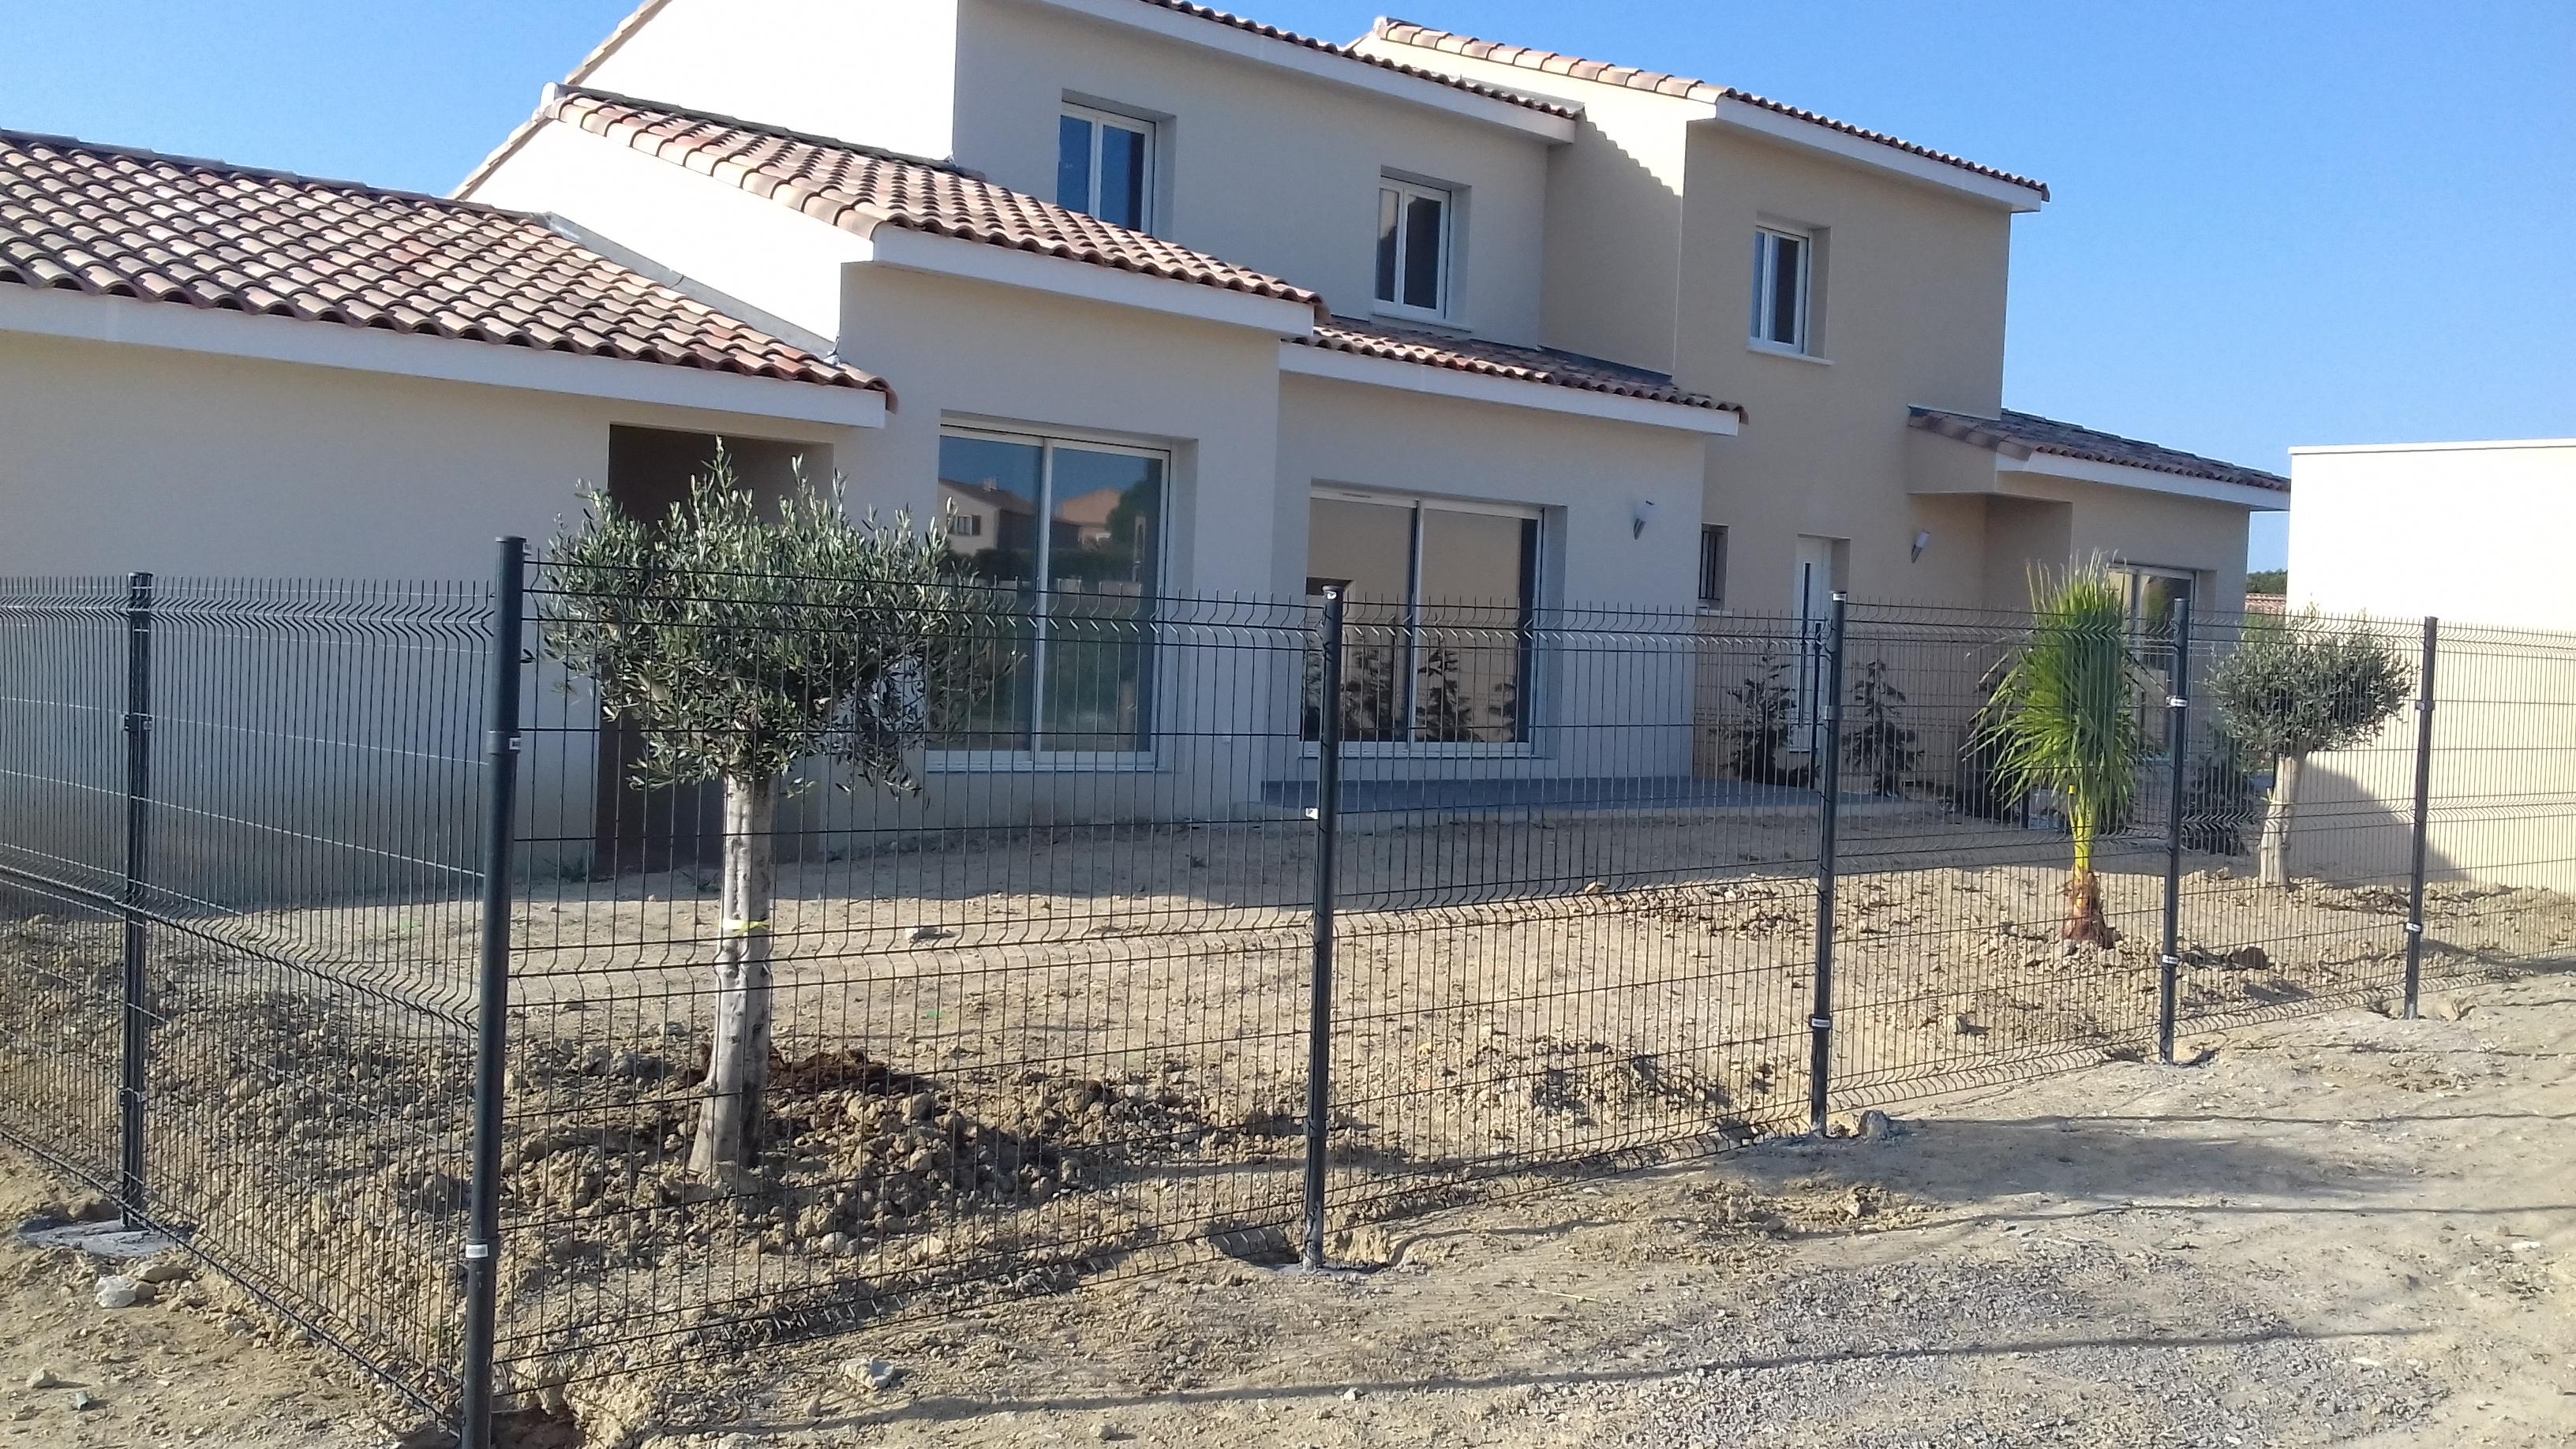 Maisons + Terrains du constructeur MA VILLA 34 - IMMO BAT • 80 m² • COLOMBIERS